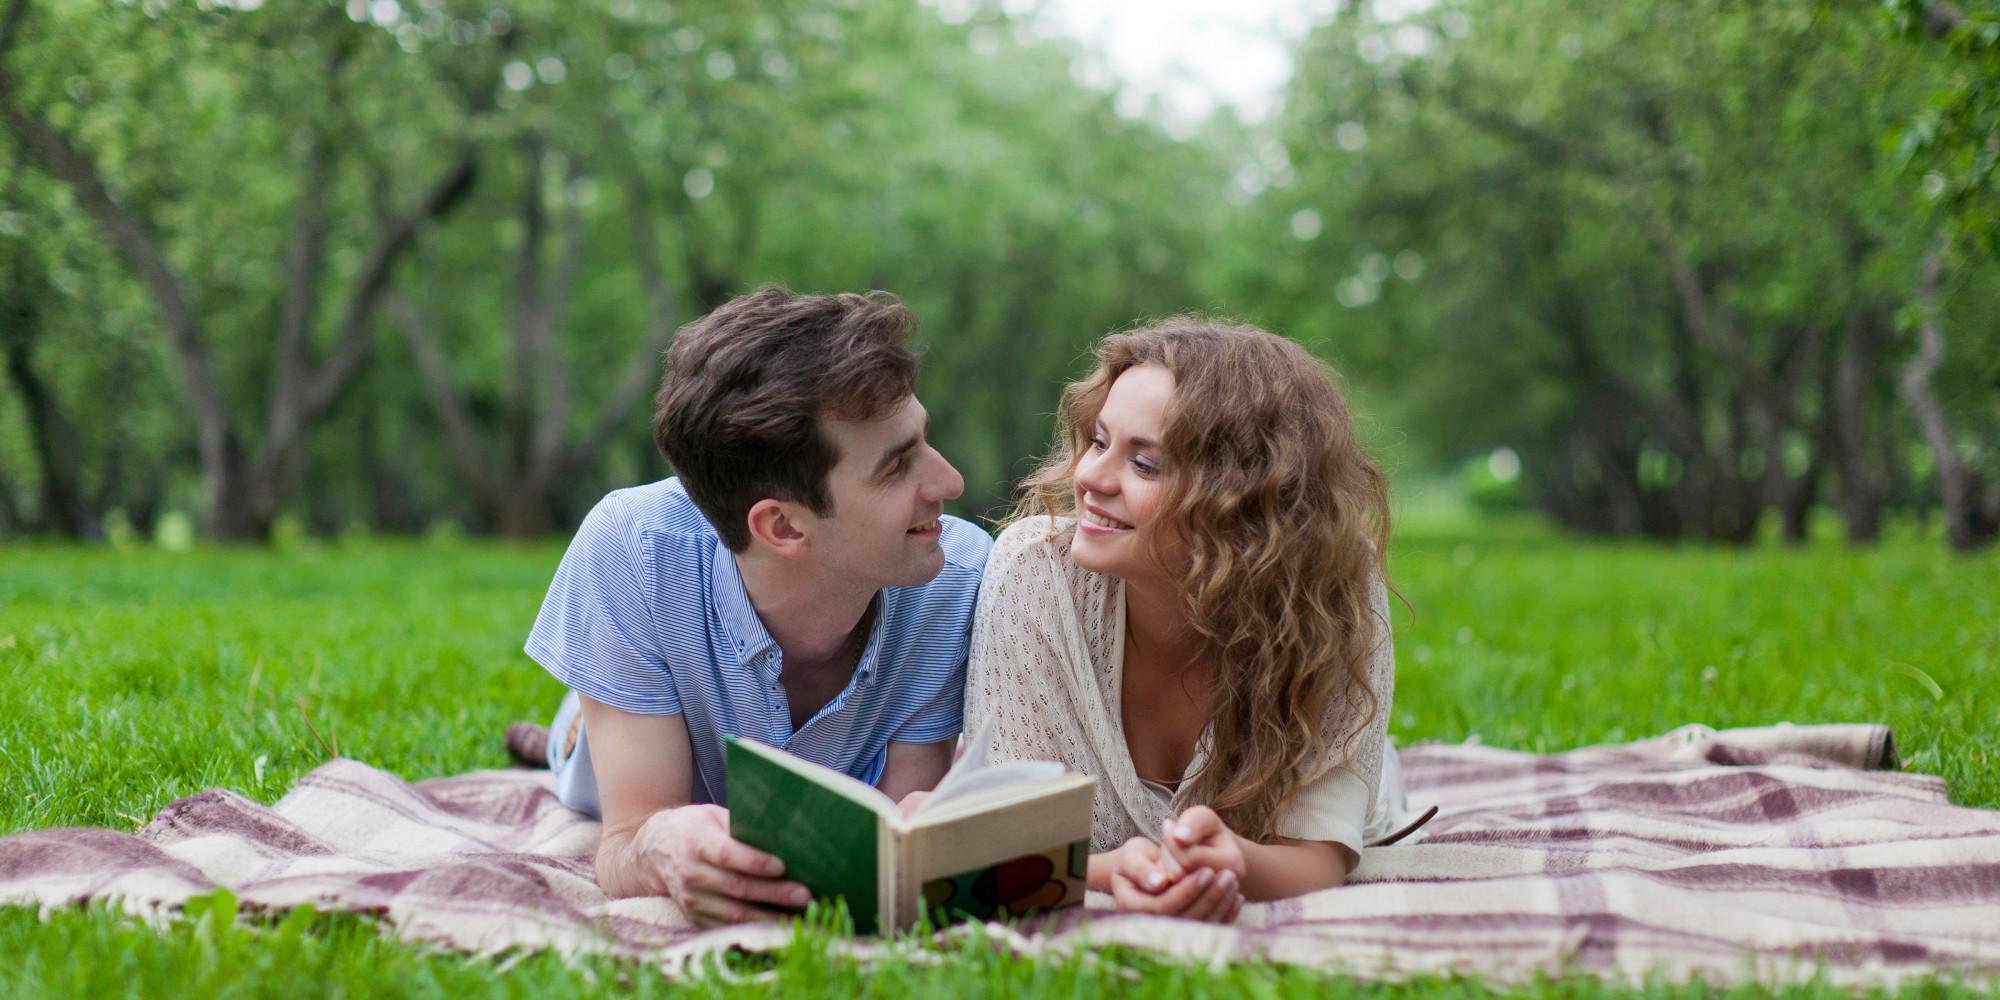 مقولات ملهمة عن العلاقات في حياتنا